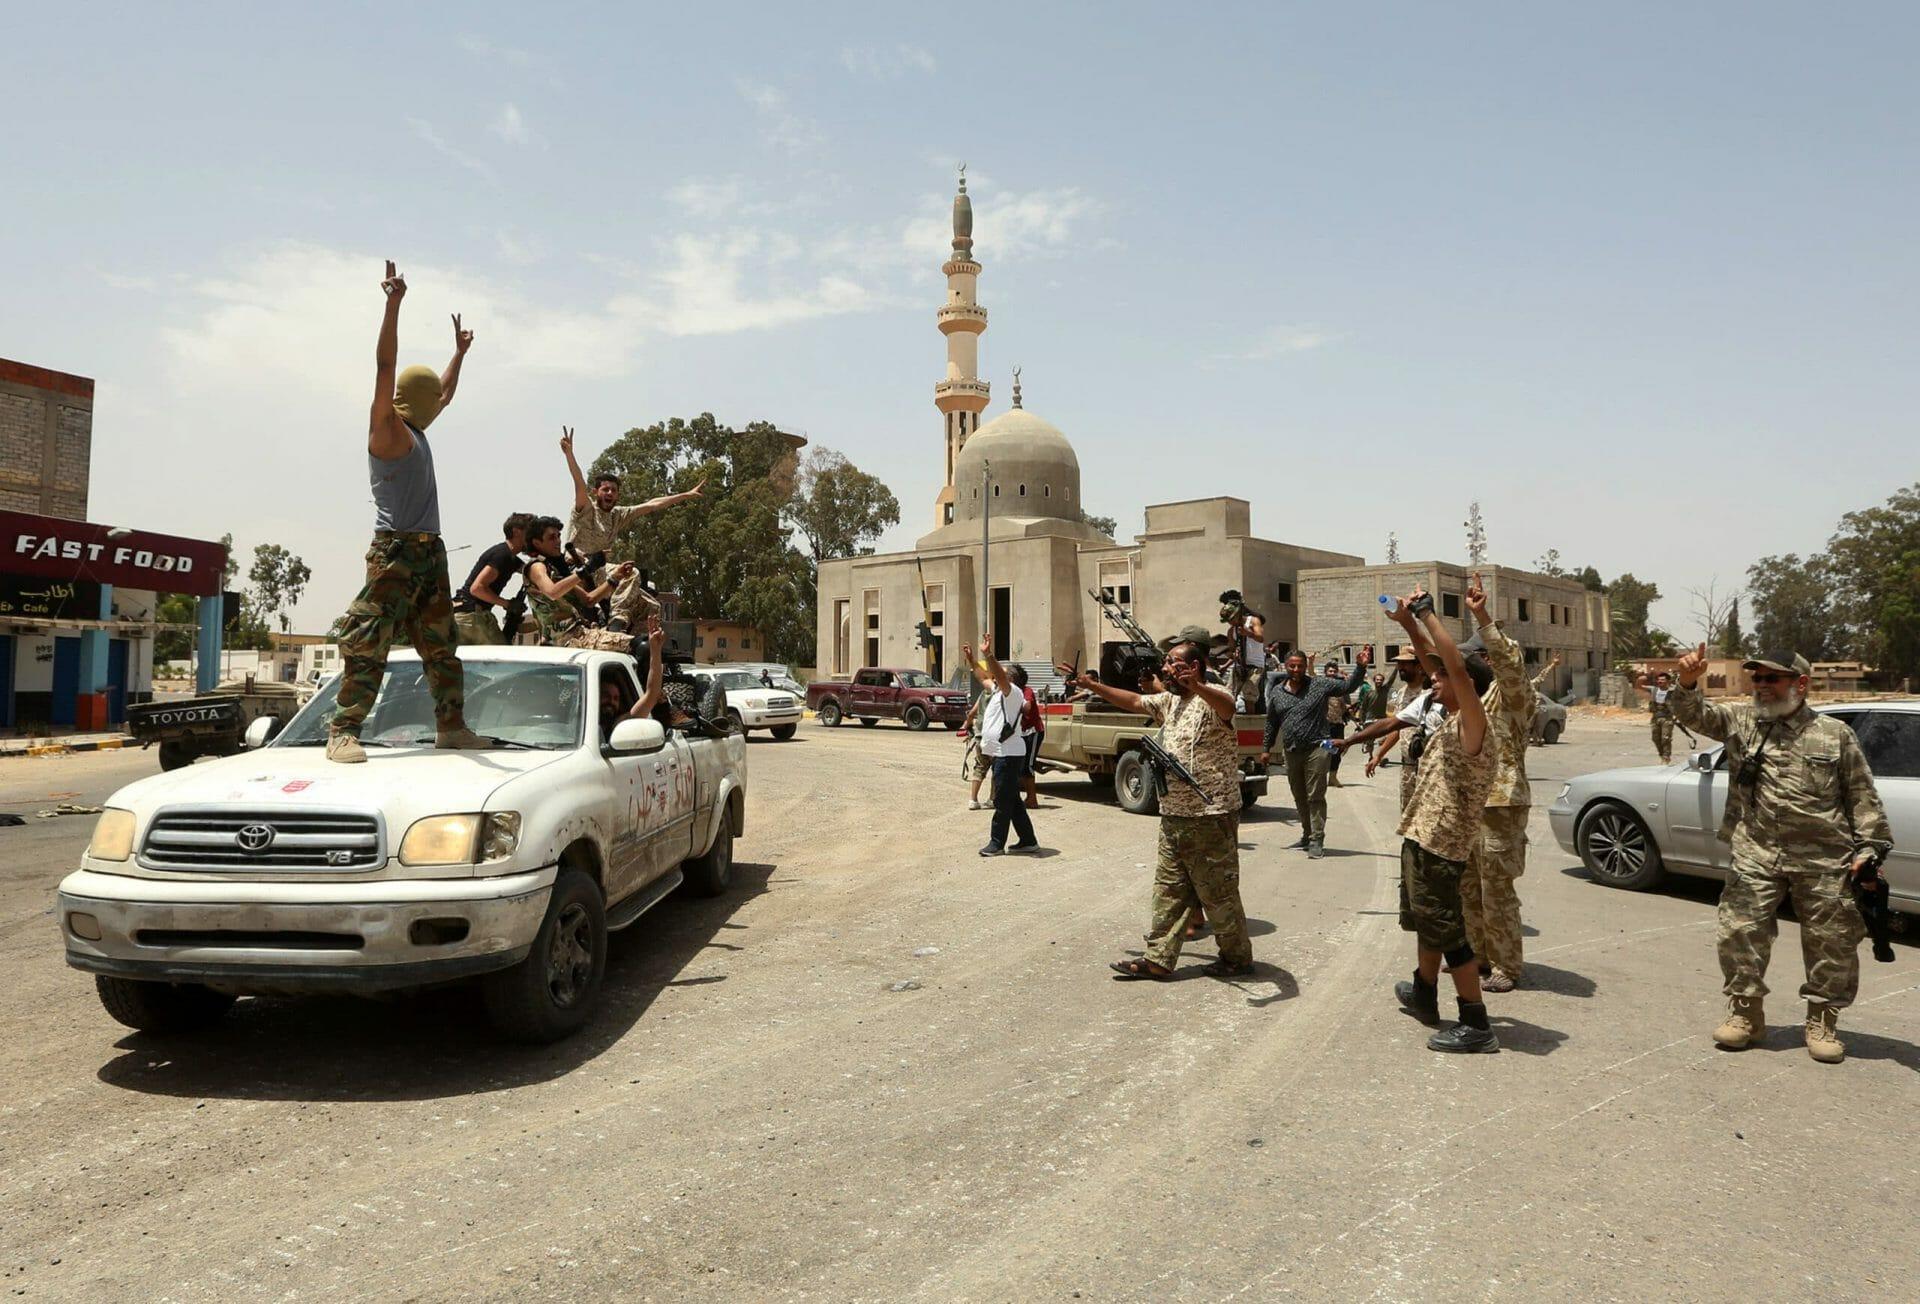 قوات حفتر تتلقّى ضربات جديدة .. إعادة السيطرة على مطار طرابلس ودعم كبير قادم من مصراته